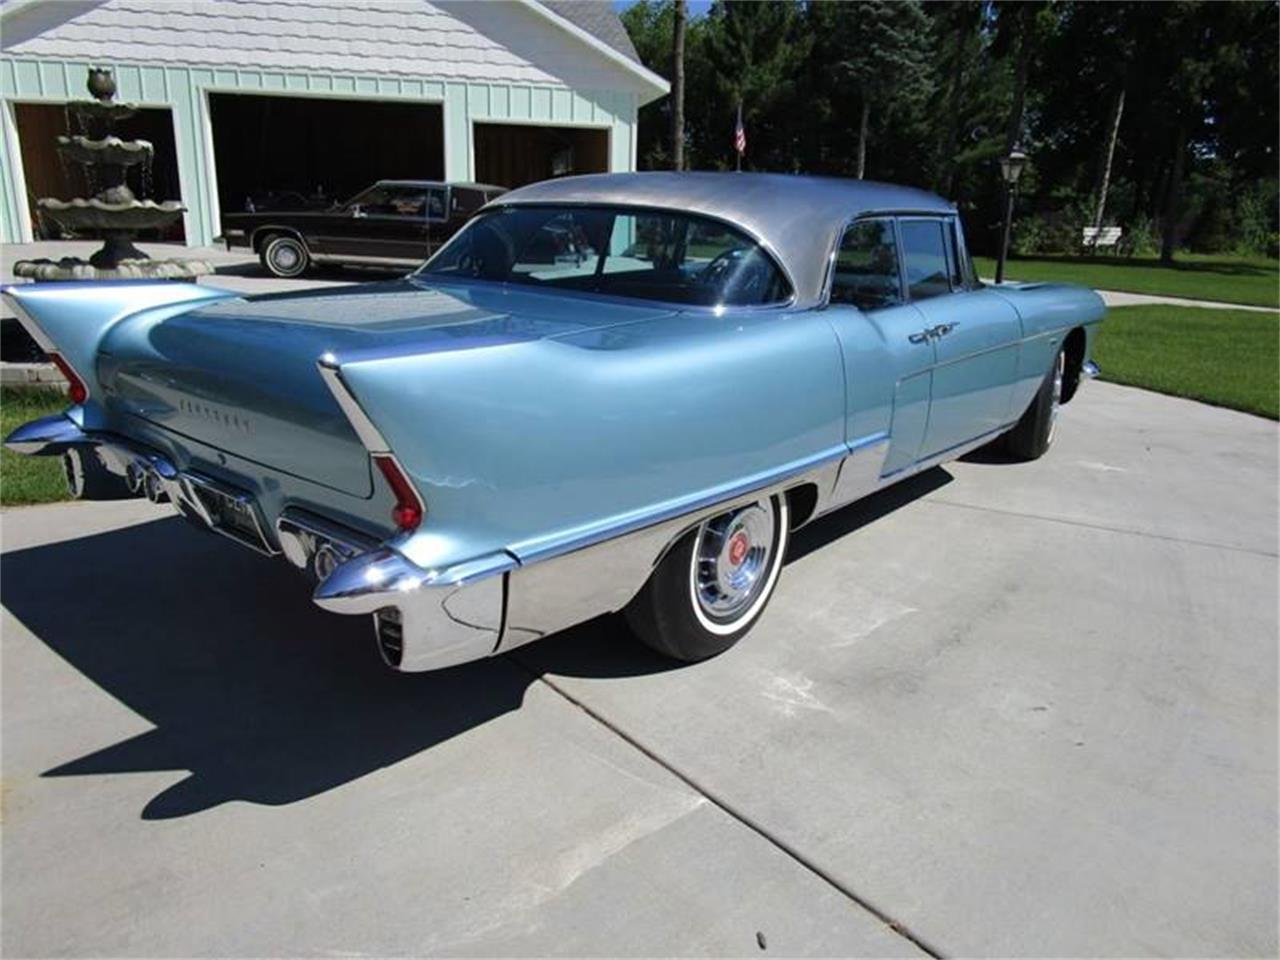 Large Picture of '58 Cadillac Eldorado - $199,500.00 - QGHC